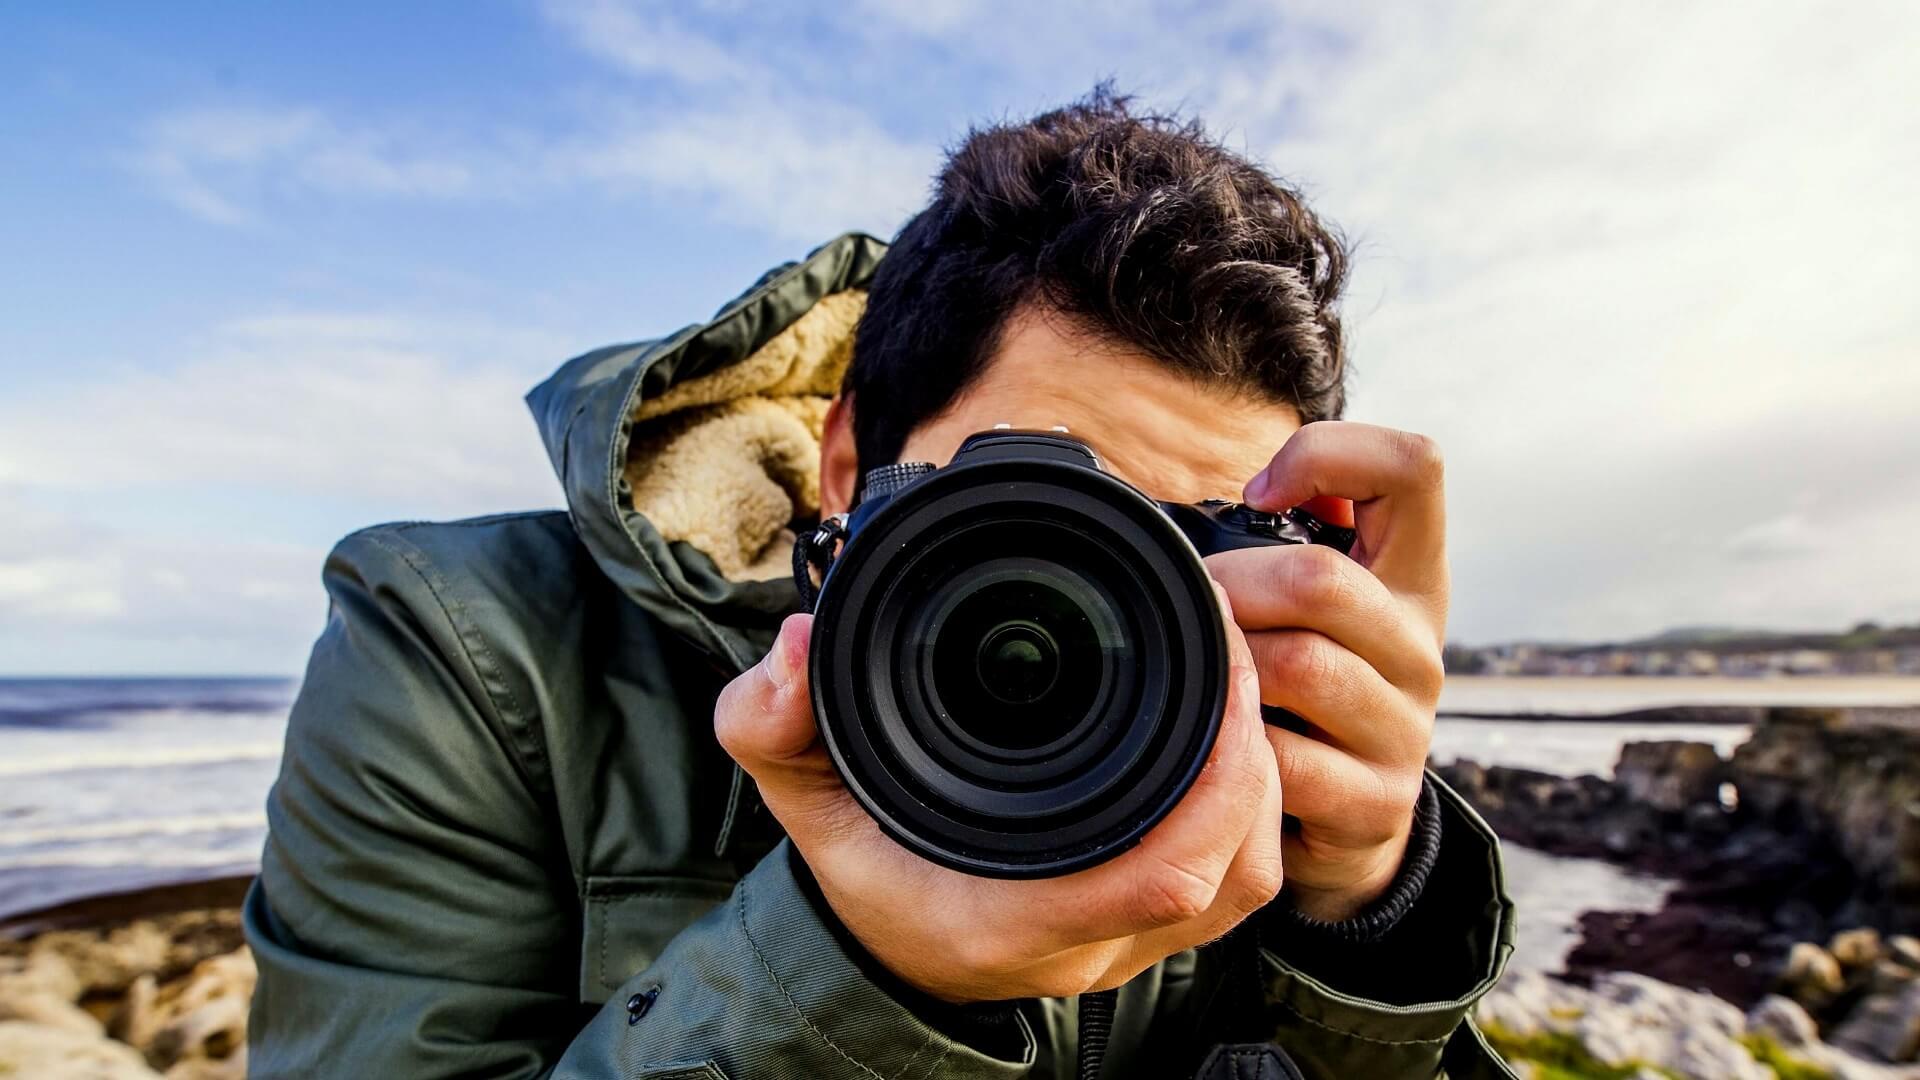 Sesje fotograficzna & Stylizacje